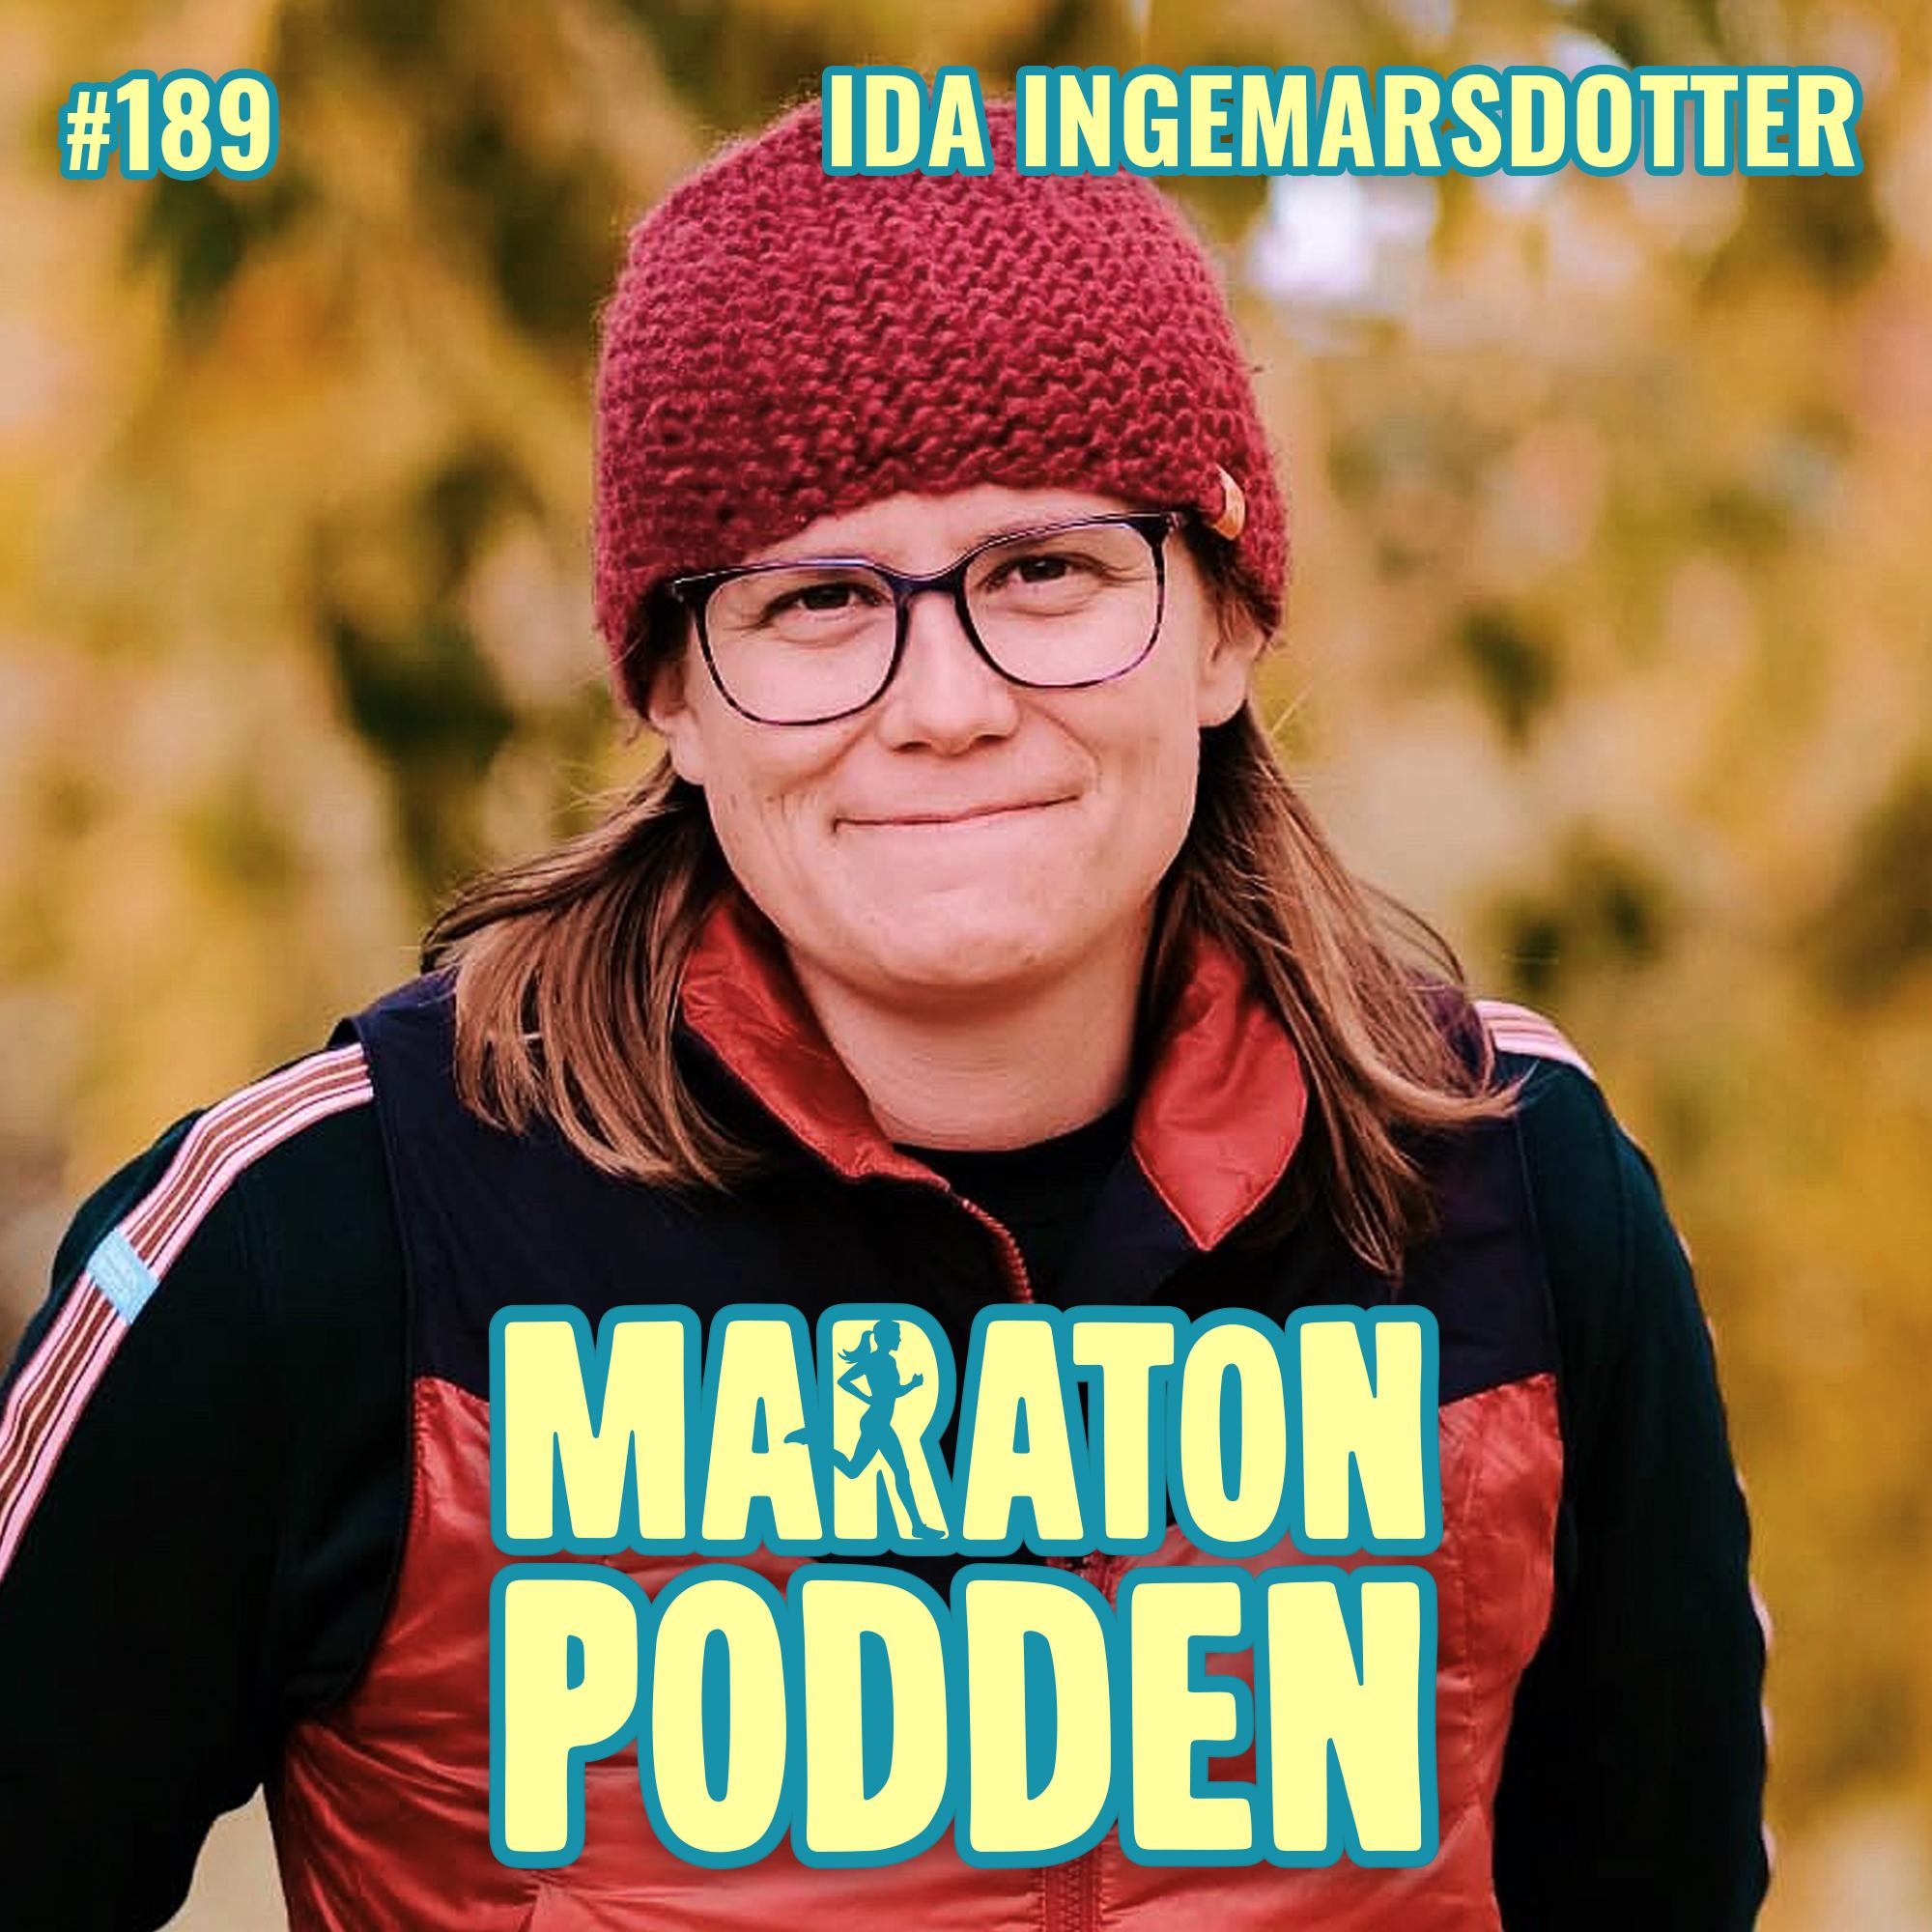 #189: Ida Ingemarsdotter, Eva Röse ska spela huvudrollen i filmen om mitt liv